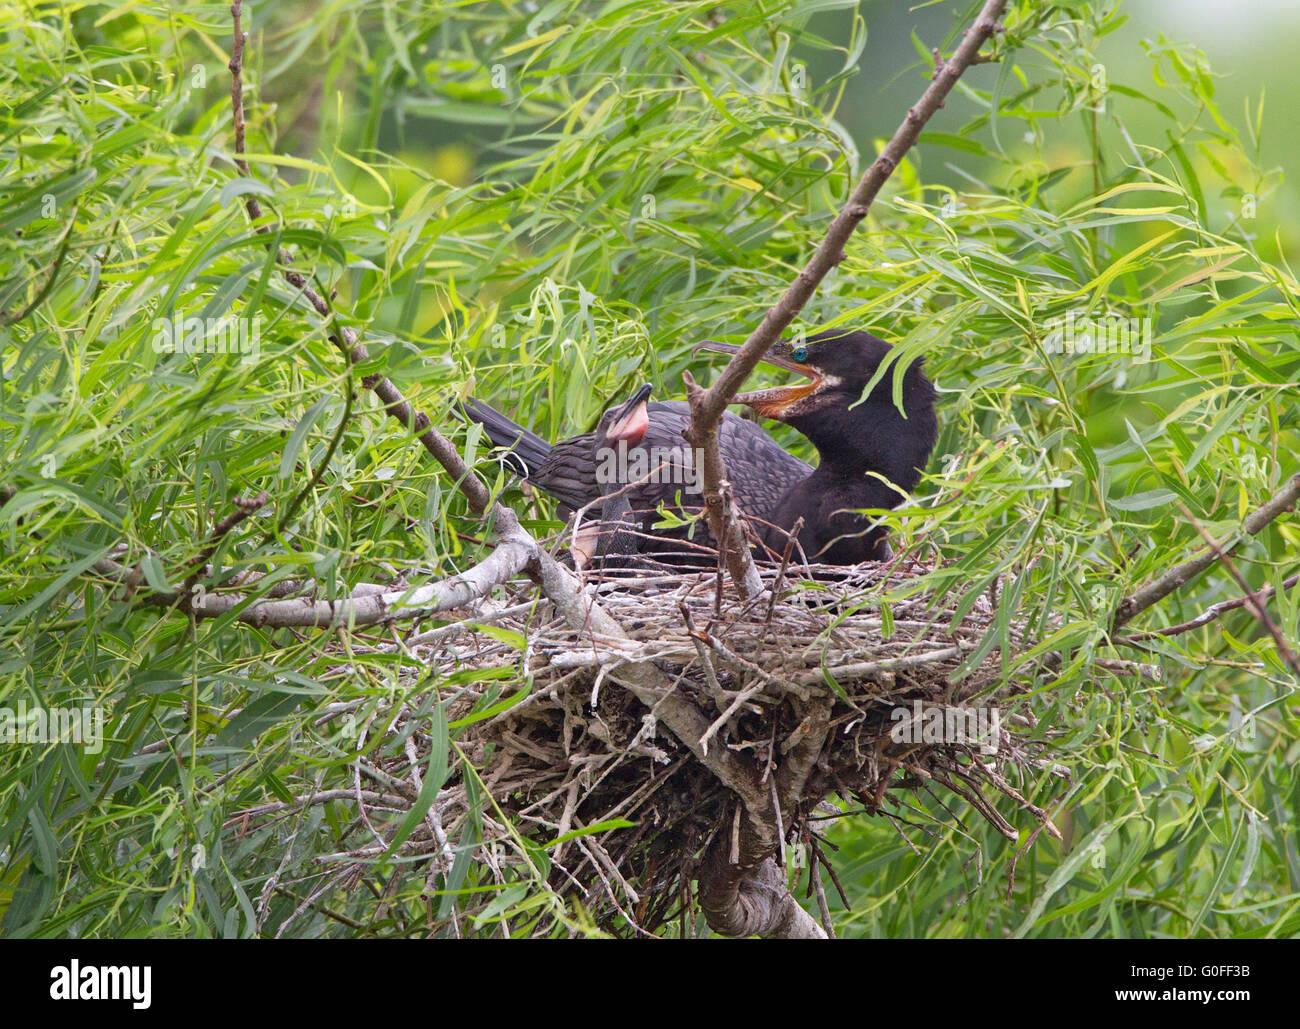 Neotropic Cormorant on Nest - Stock Image